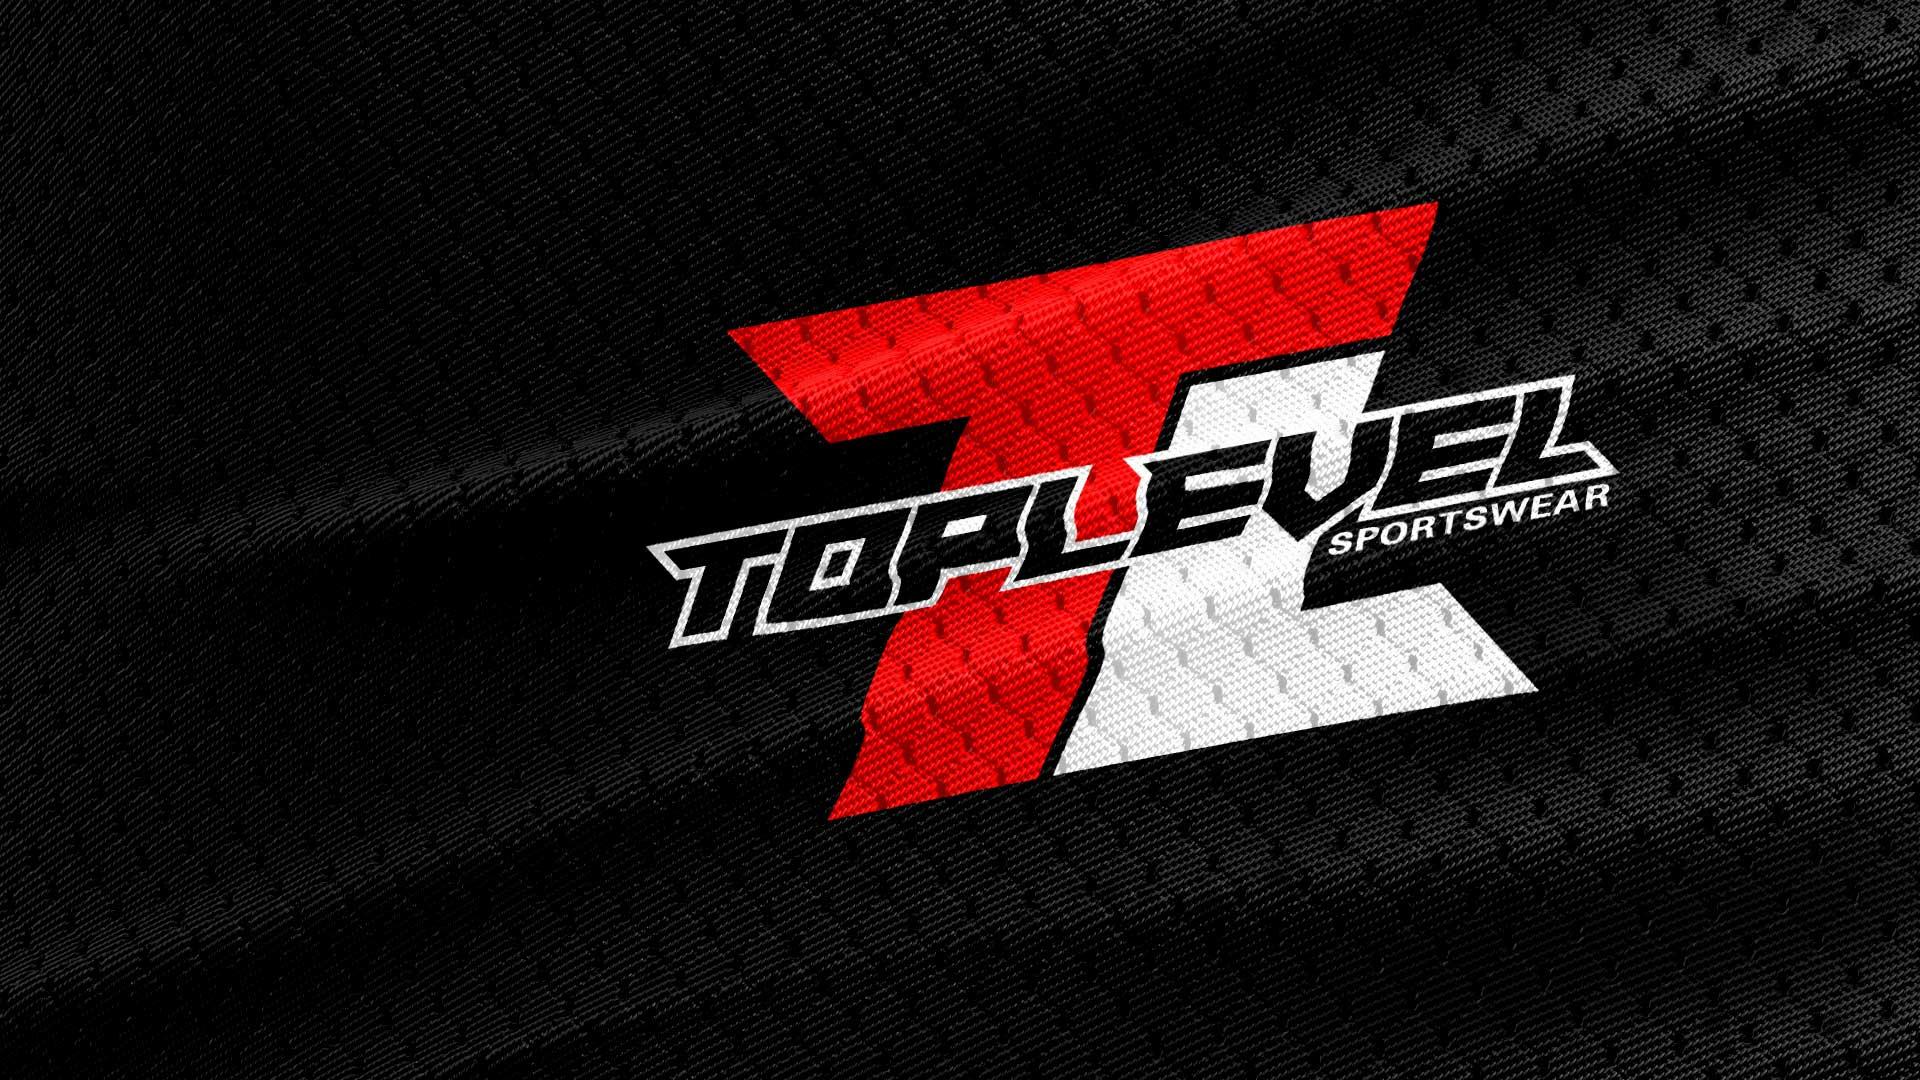 toplevel sportswear logo Toplevel Sportswear | (321) 200-0305